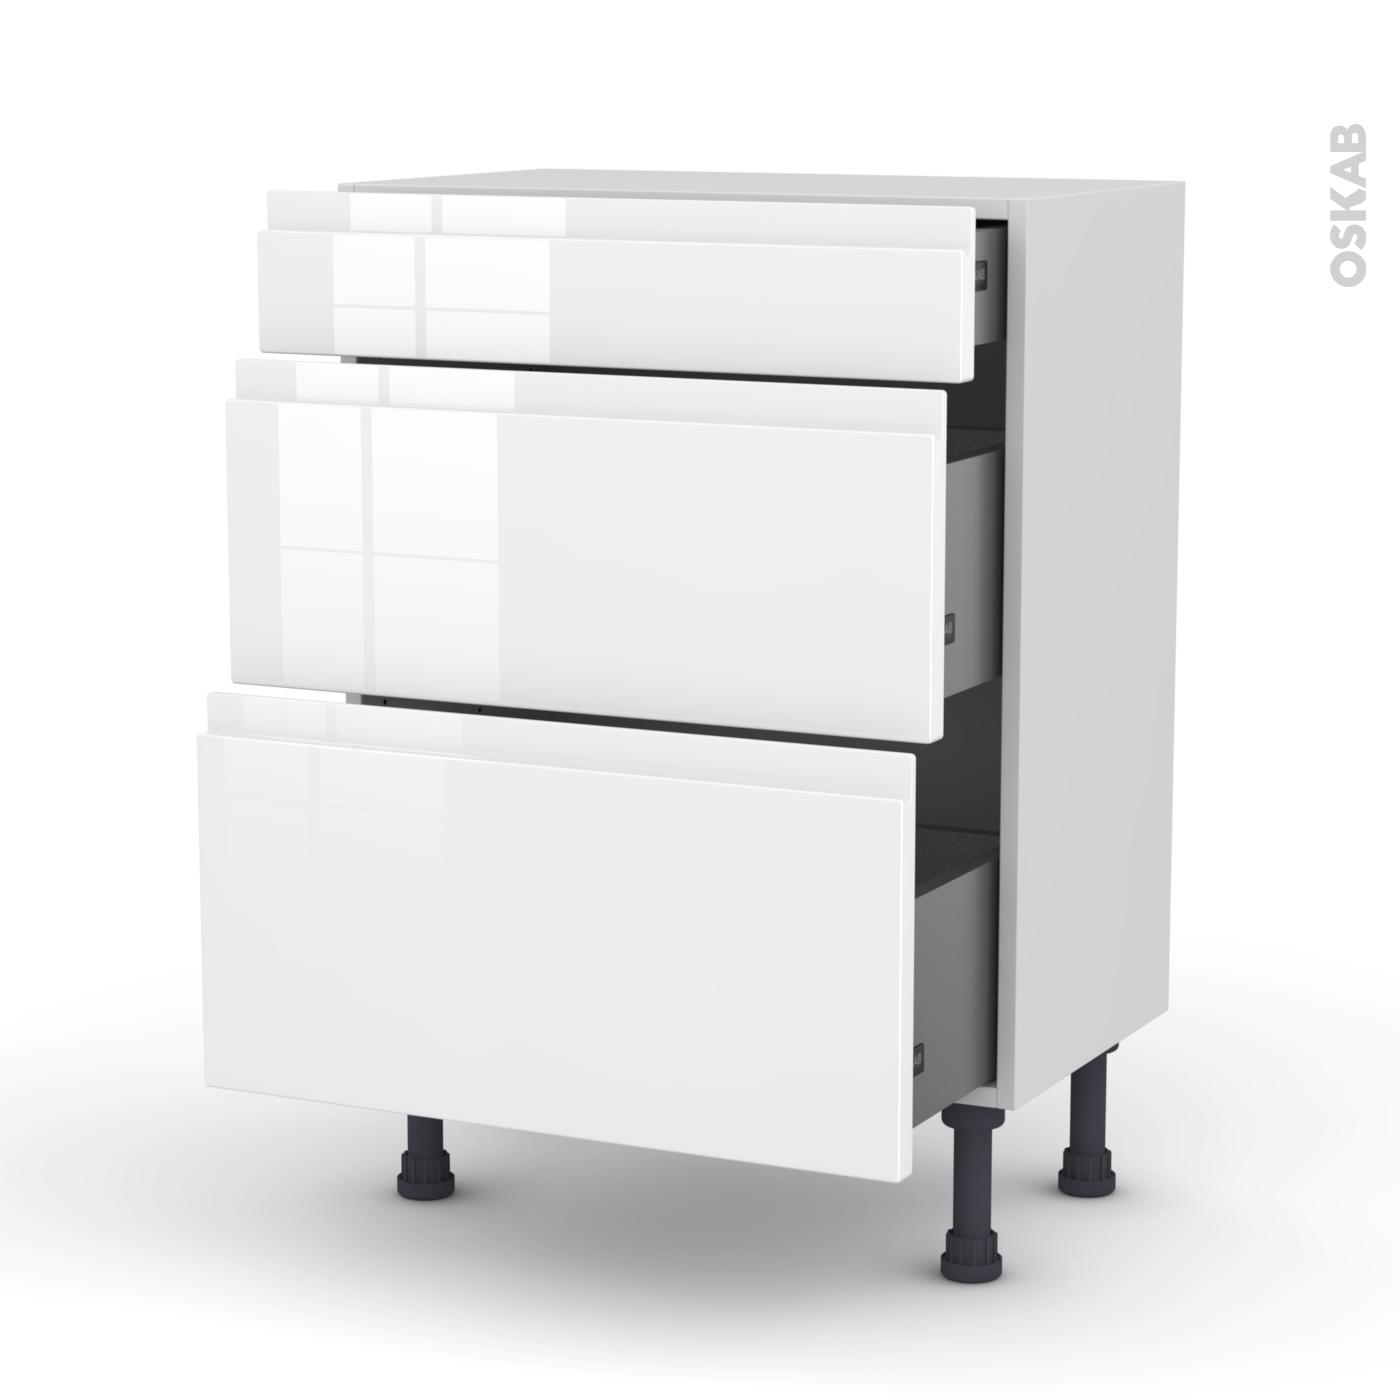 meuble cuisine avec tiroir pas cher. Black Bedroom Furniture Sets. Home Design Ideas